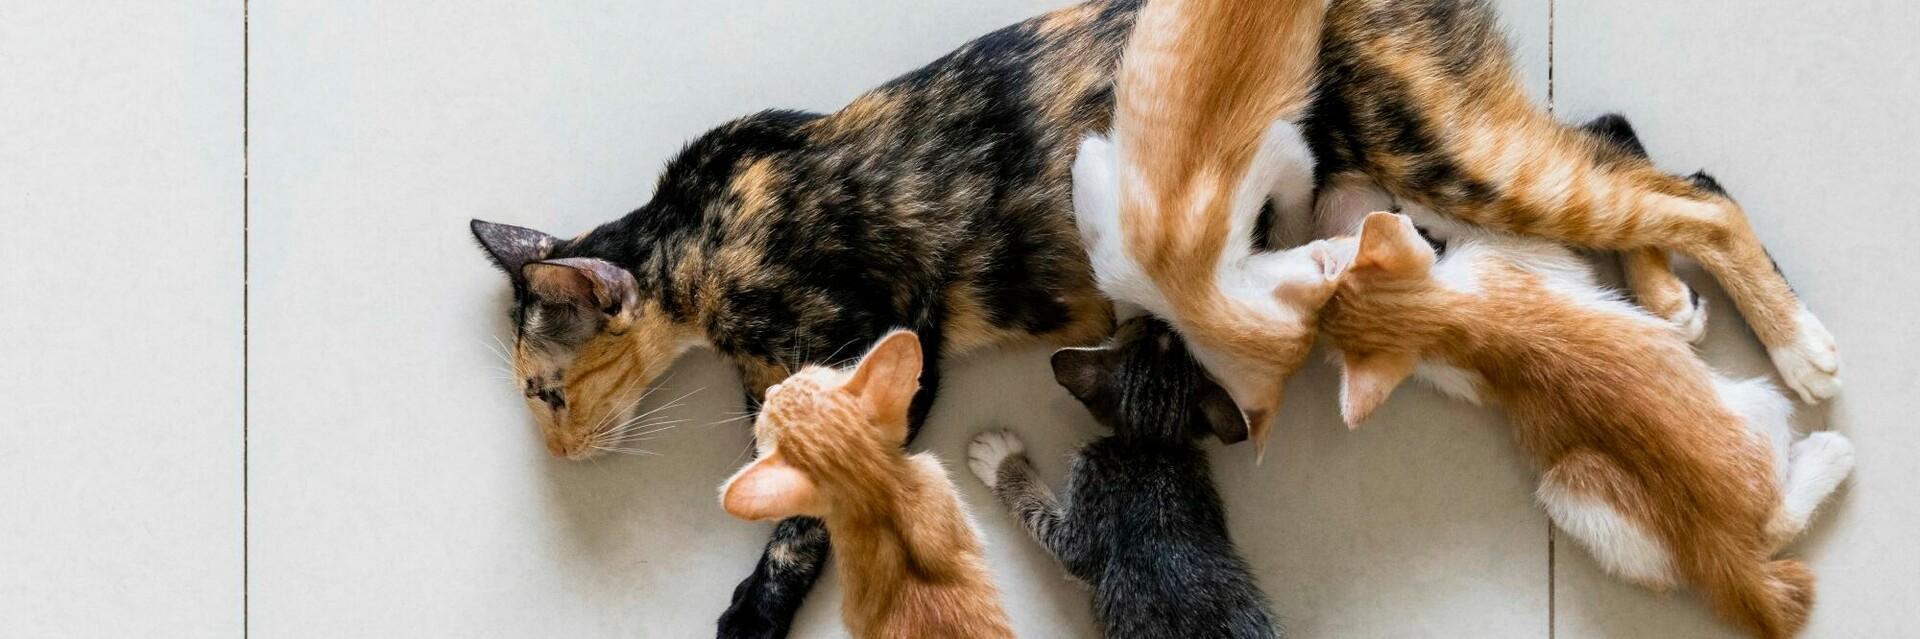 Katze mit Nachwuchs